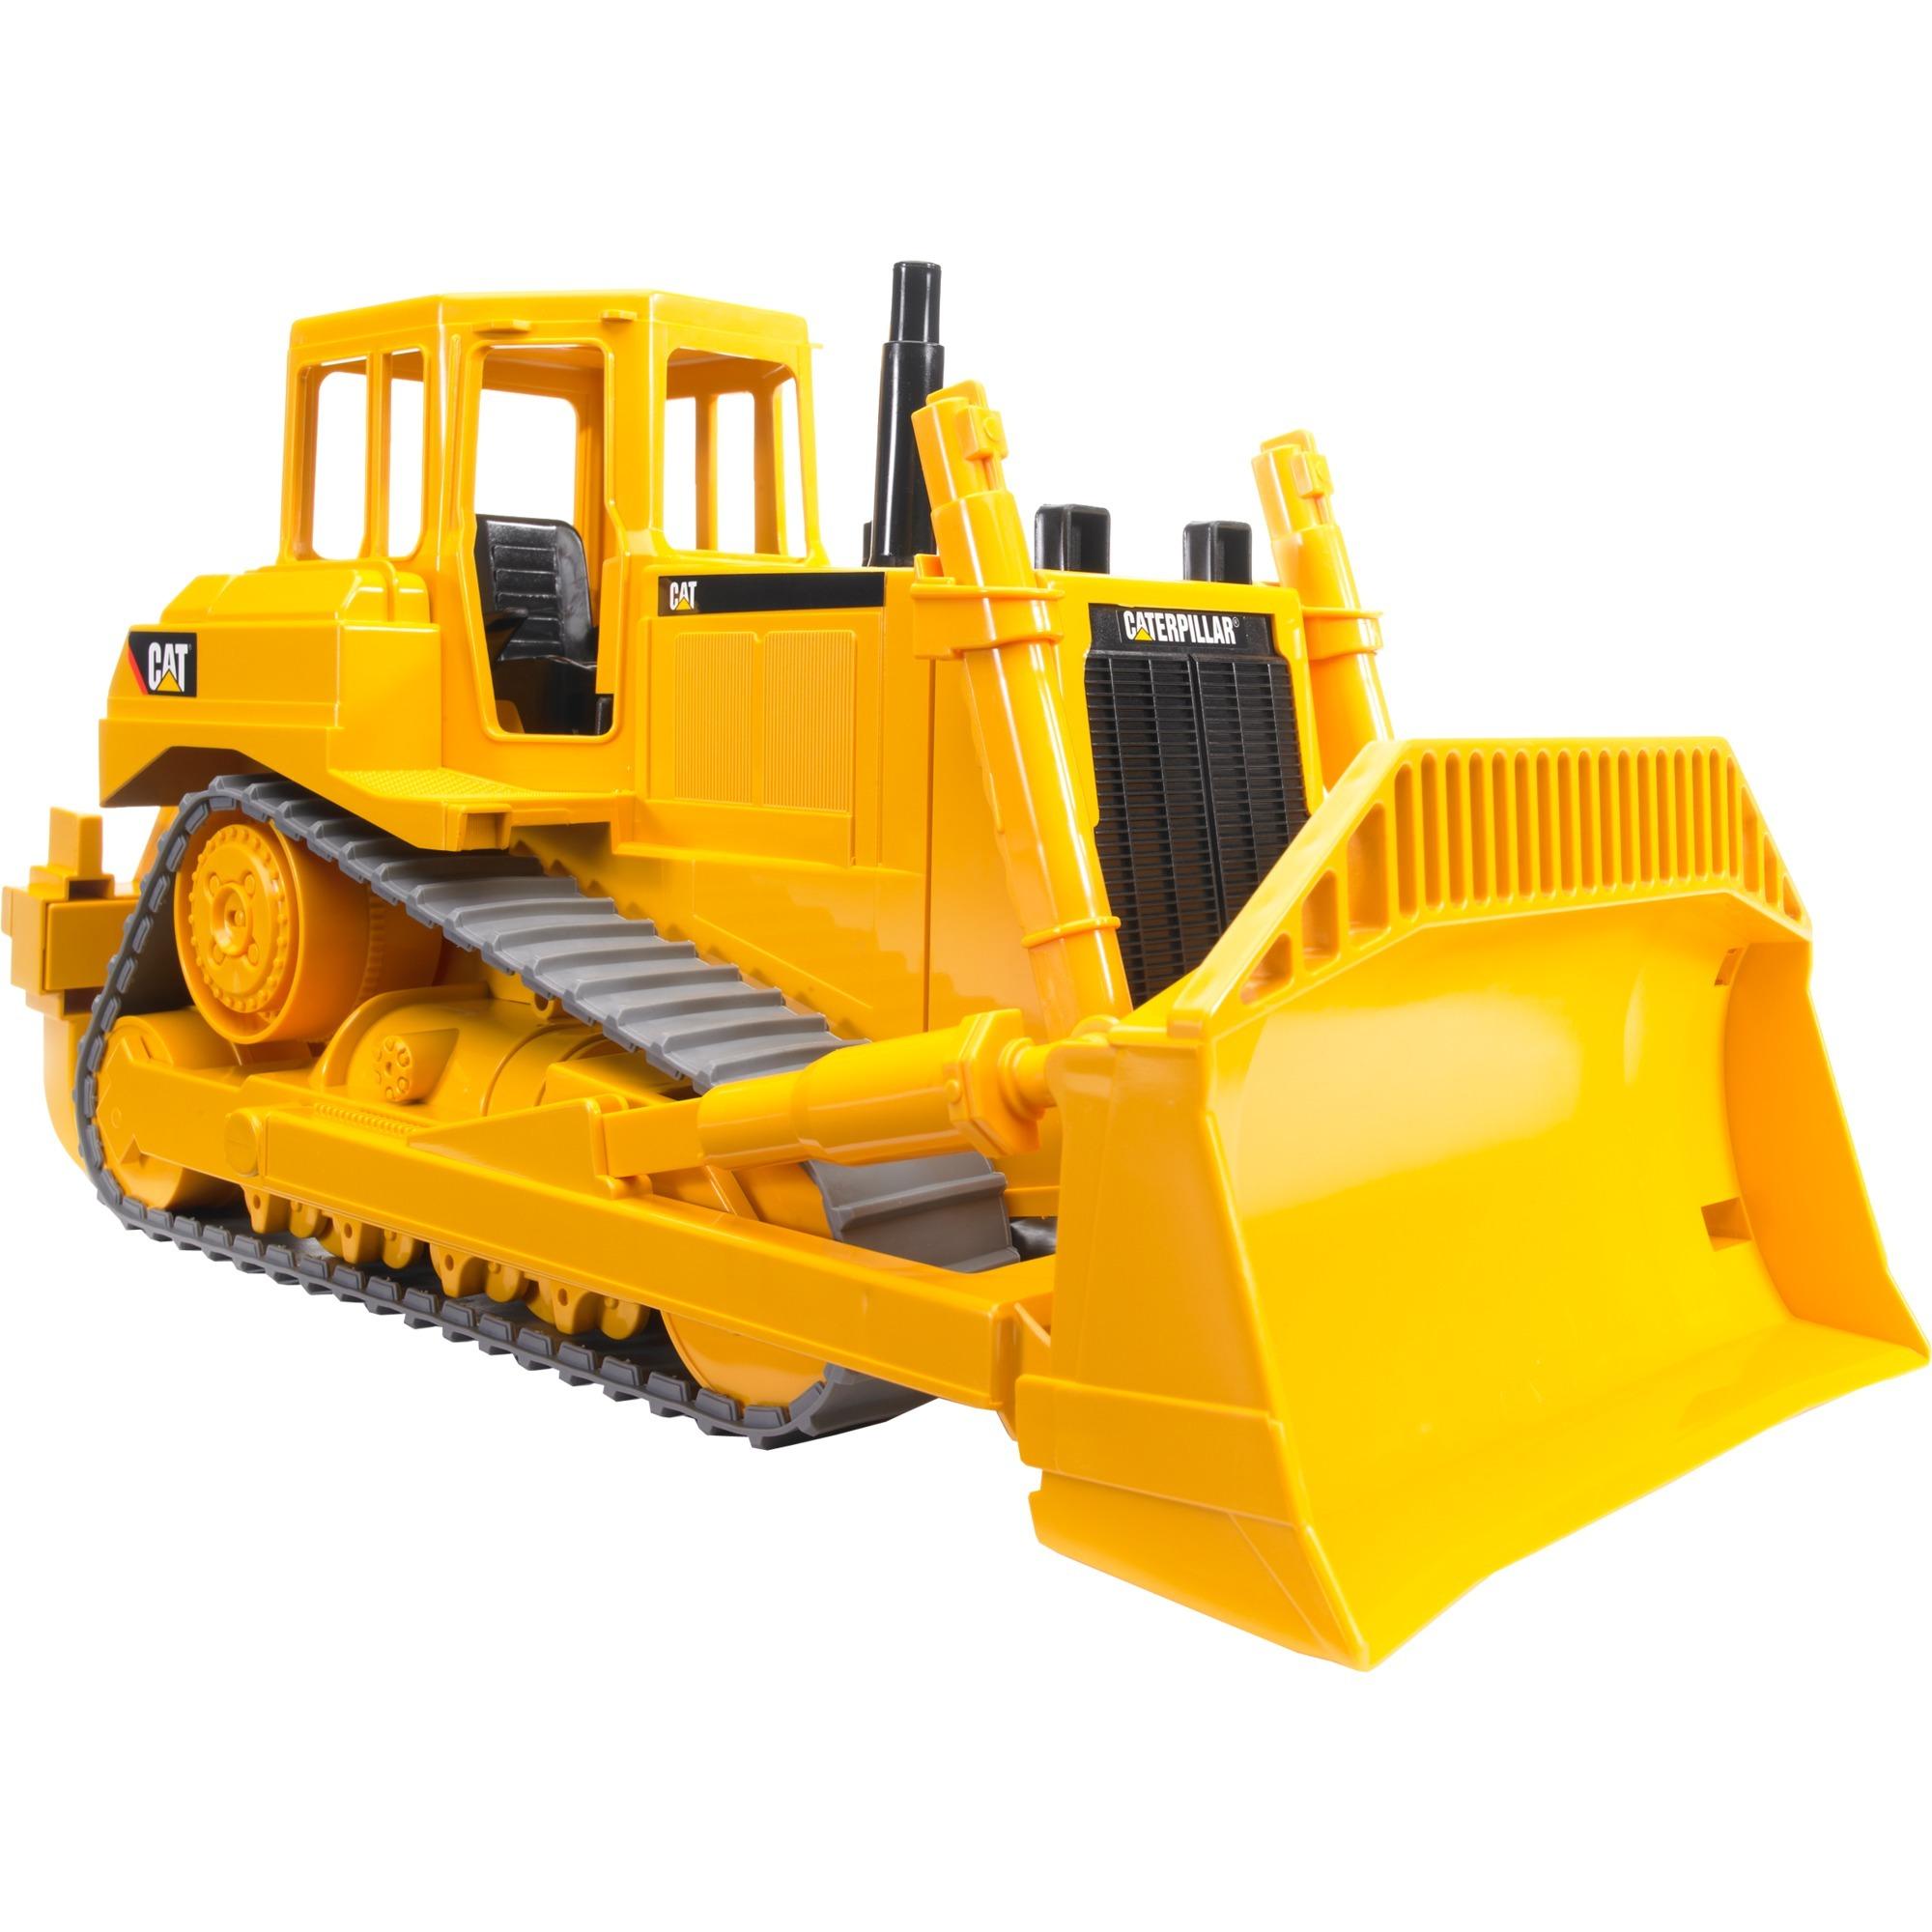 Bruder Cat Bulldozer Vehiculo De Juguete Abs Sinteticos Automovil